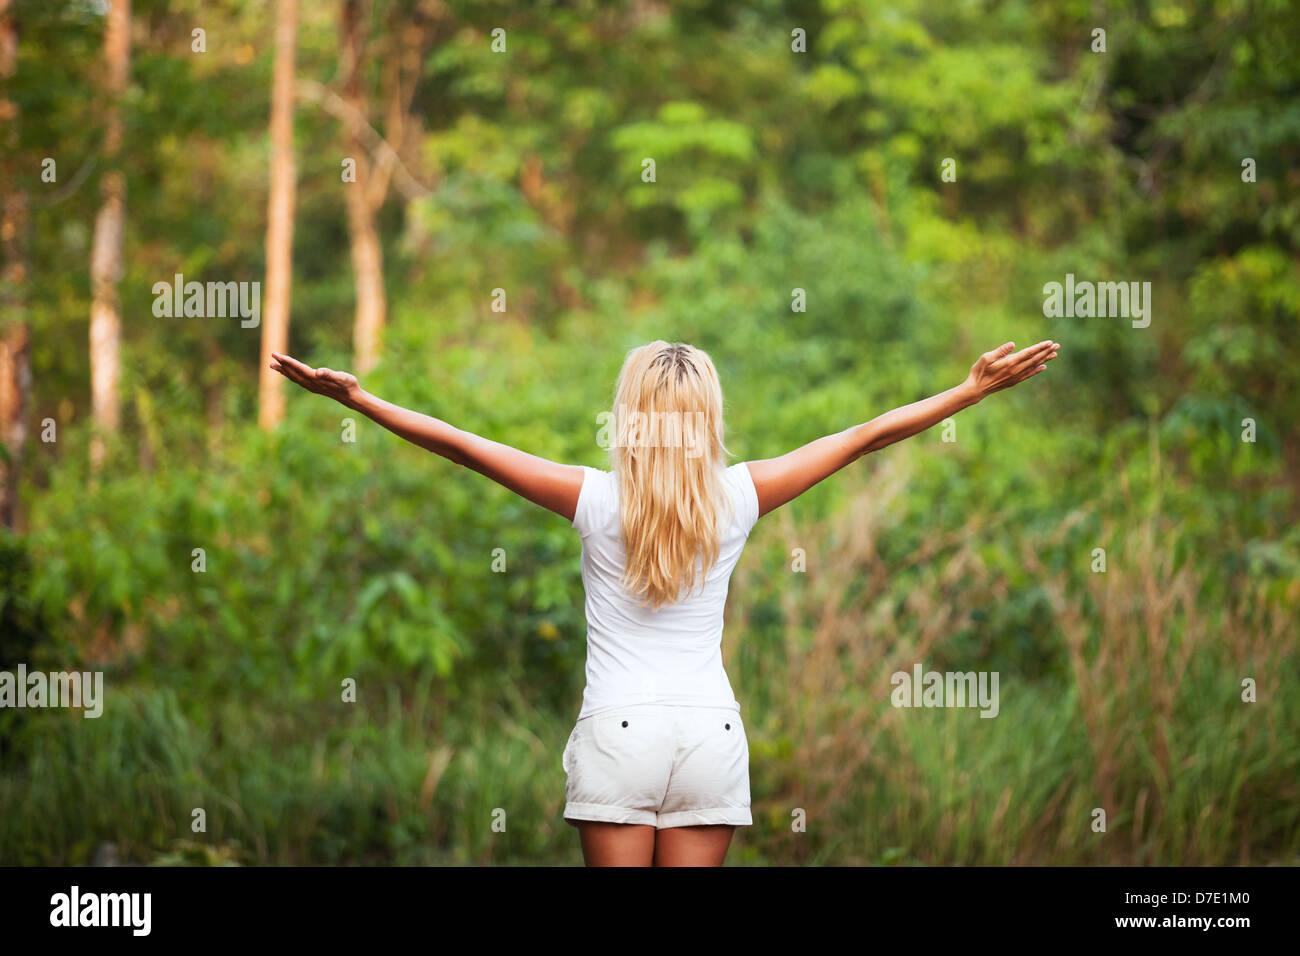 Armonia con la natura, torna la donna con le mani alzate nella foresta Immagini Stock